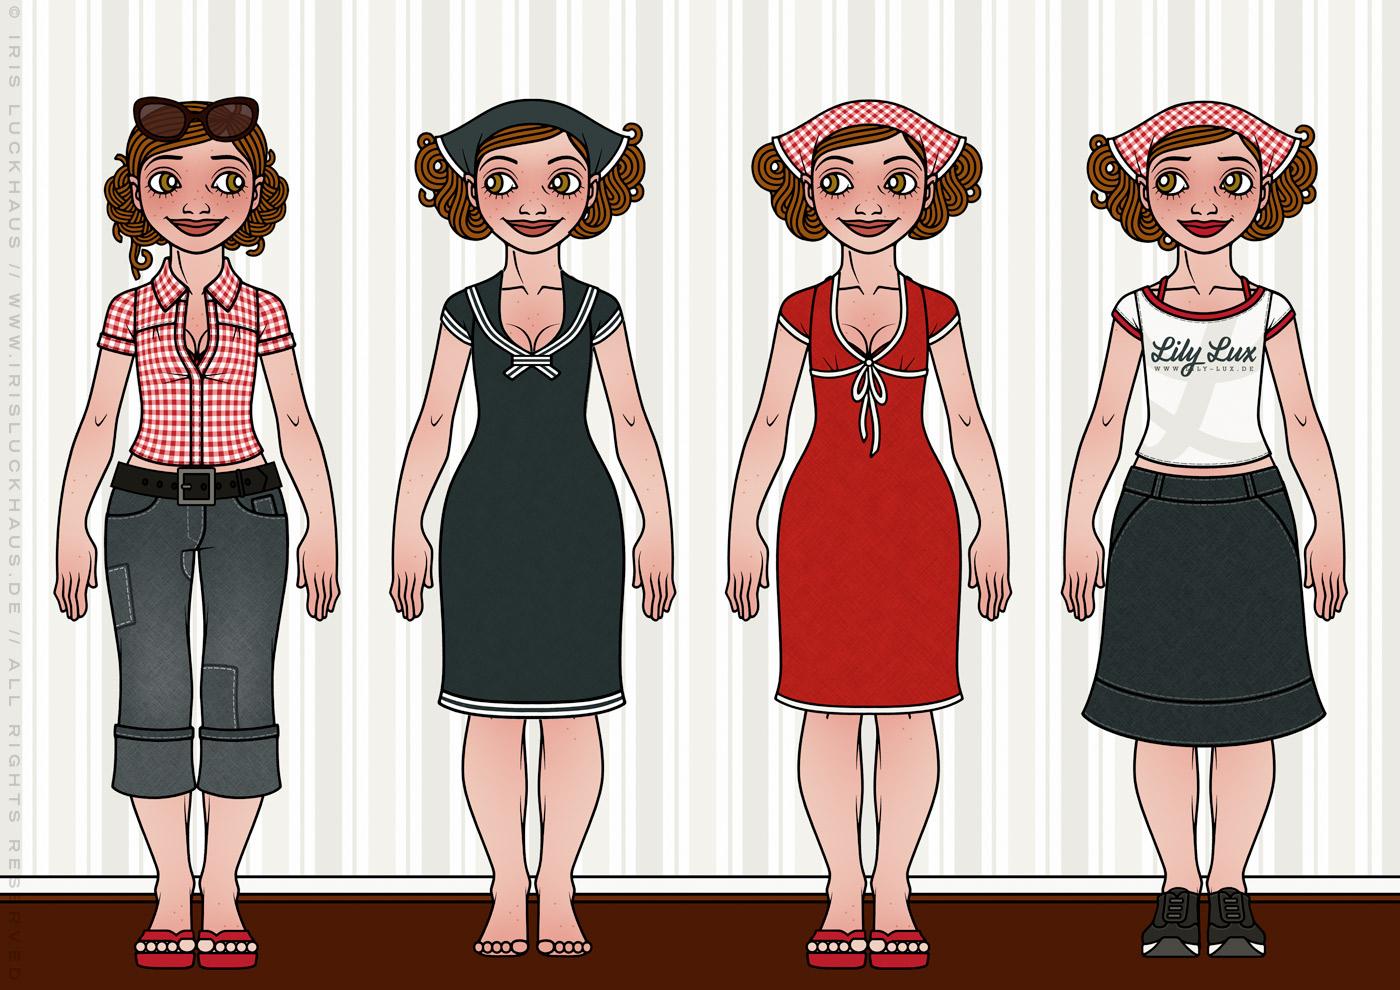 Characterdesign und Styling mit Kleidung, Mode und sommerlichen Outfits wie Blusen, Kopftüchern, Röcken und Kleidchen für Lily Lux